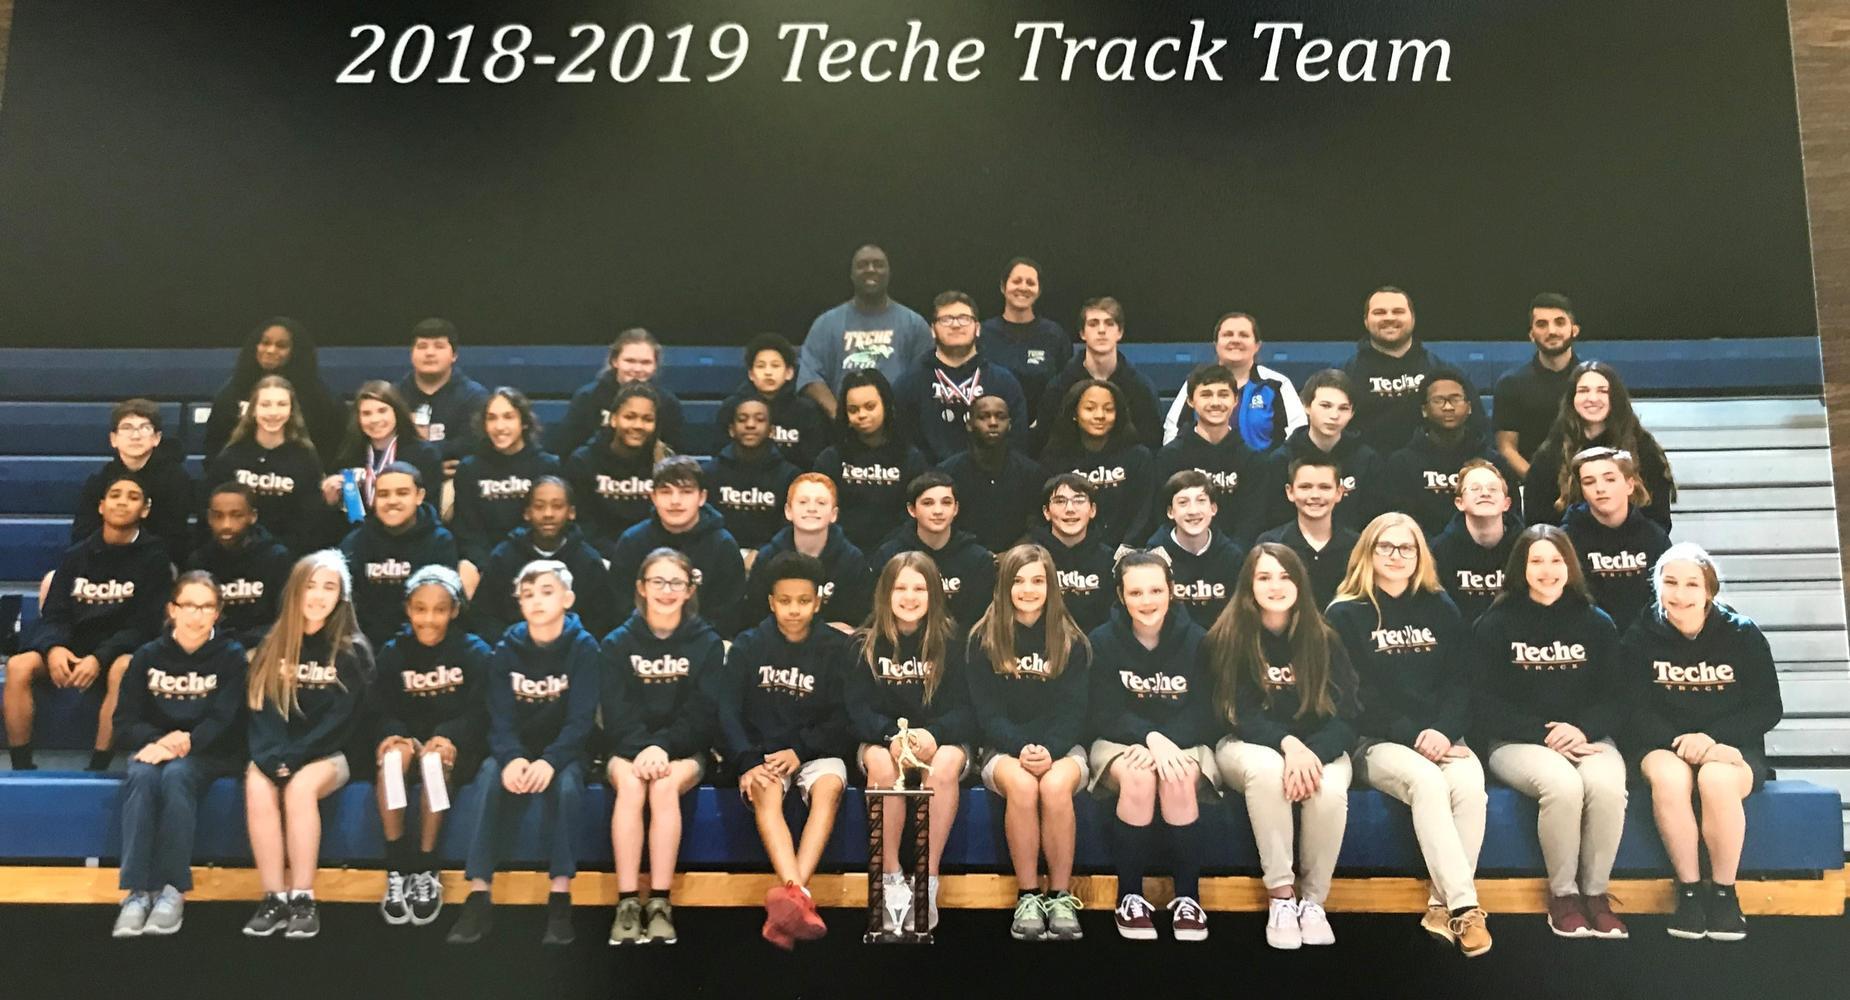 Teche Track Team